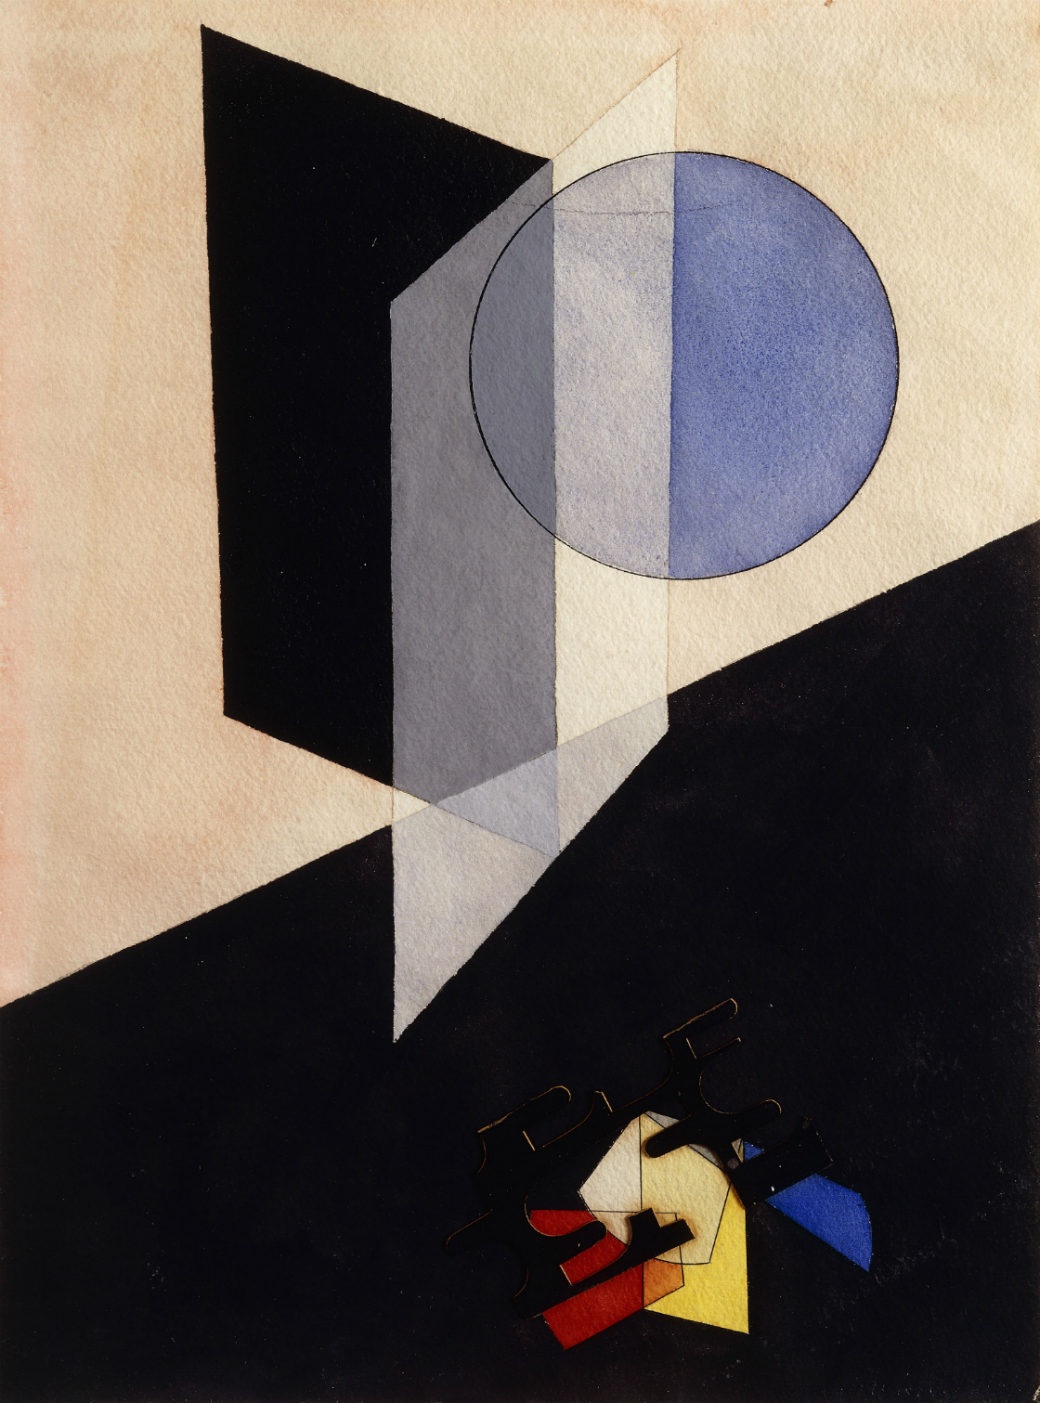 Moholy Nagy, Laszlo (1895-1946): Untitled. 1926. ©2019. Christie's Images, London/Scala, Florence.